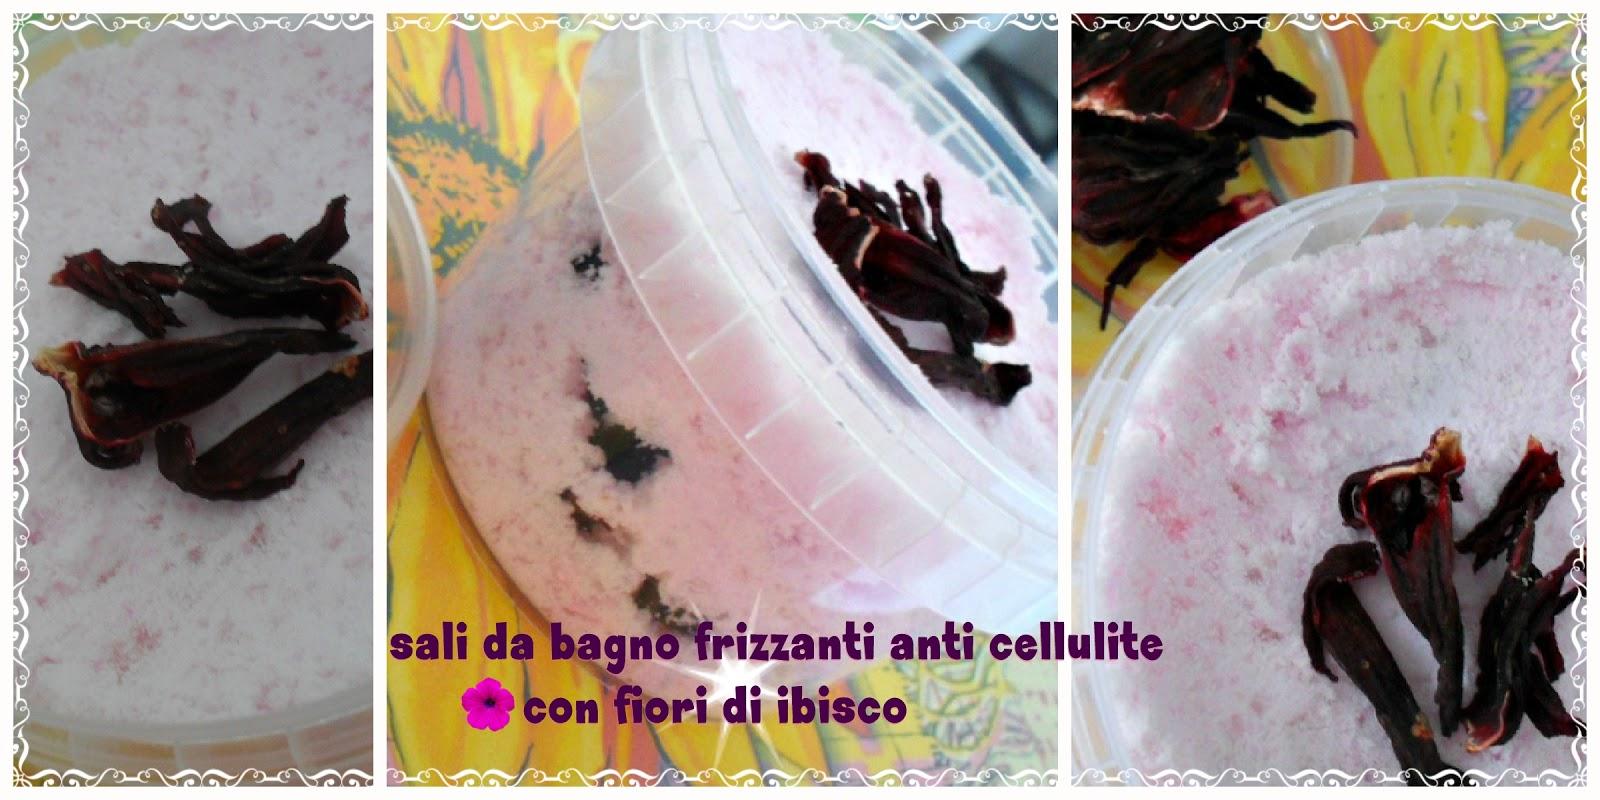 ... Nife Diy&Beauty♡♡♡: SALI DA BAGNO FRIZZANTI ANTI-CELLULITE